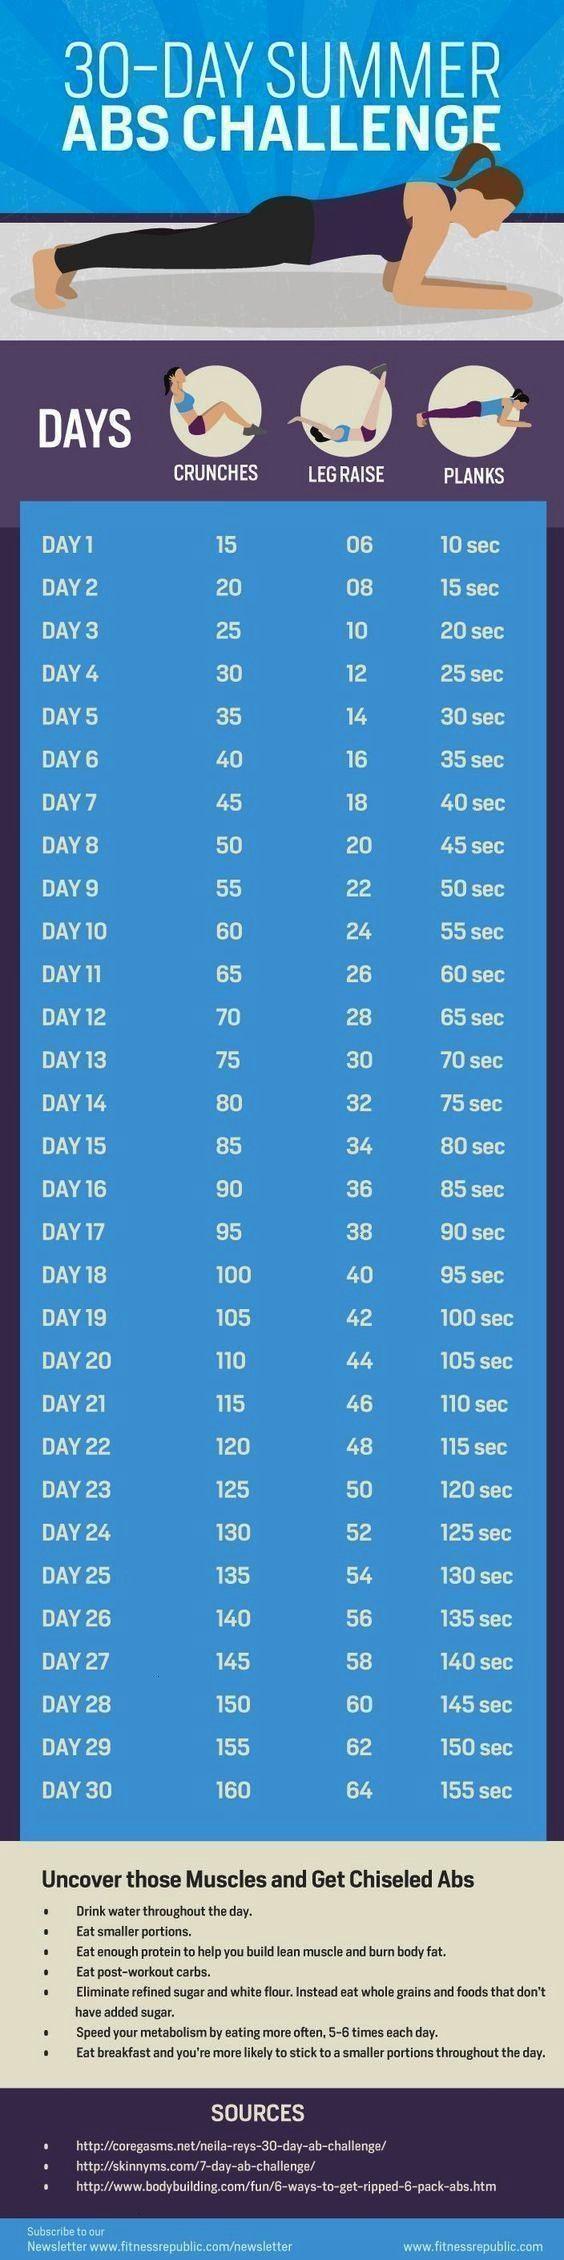 #pinterestcharts #großartige #fitness #für #1111 großartige Pinterest-Charts für Fitness11 großartig...